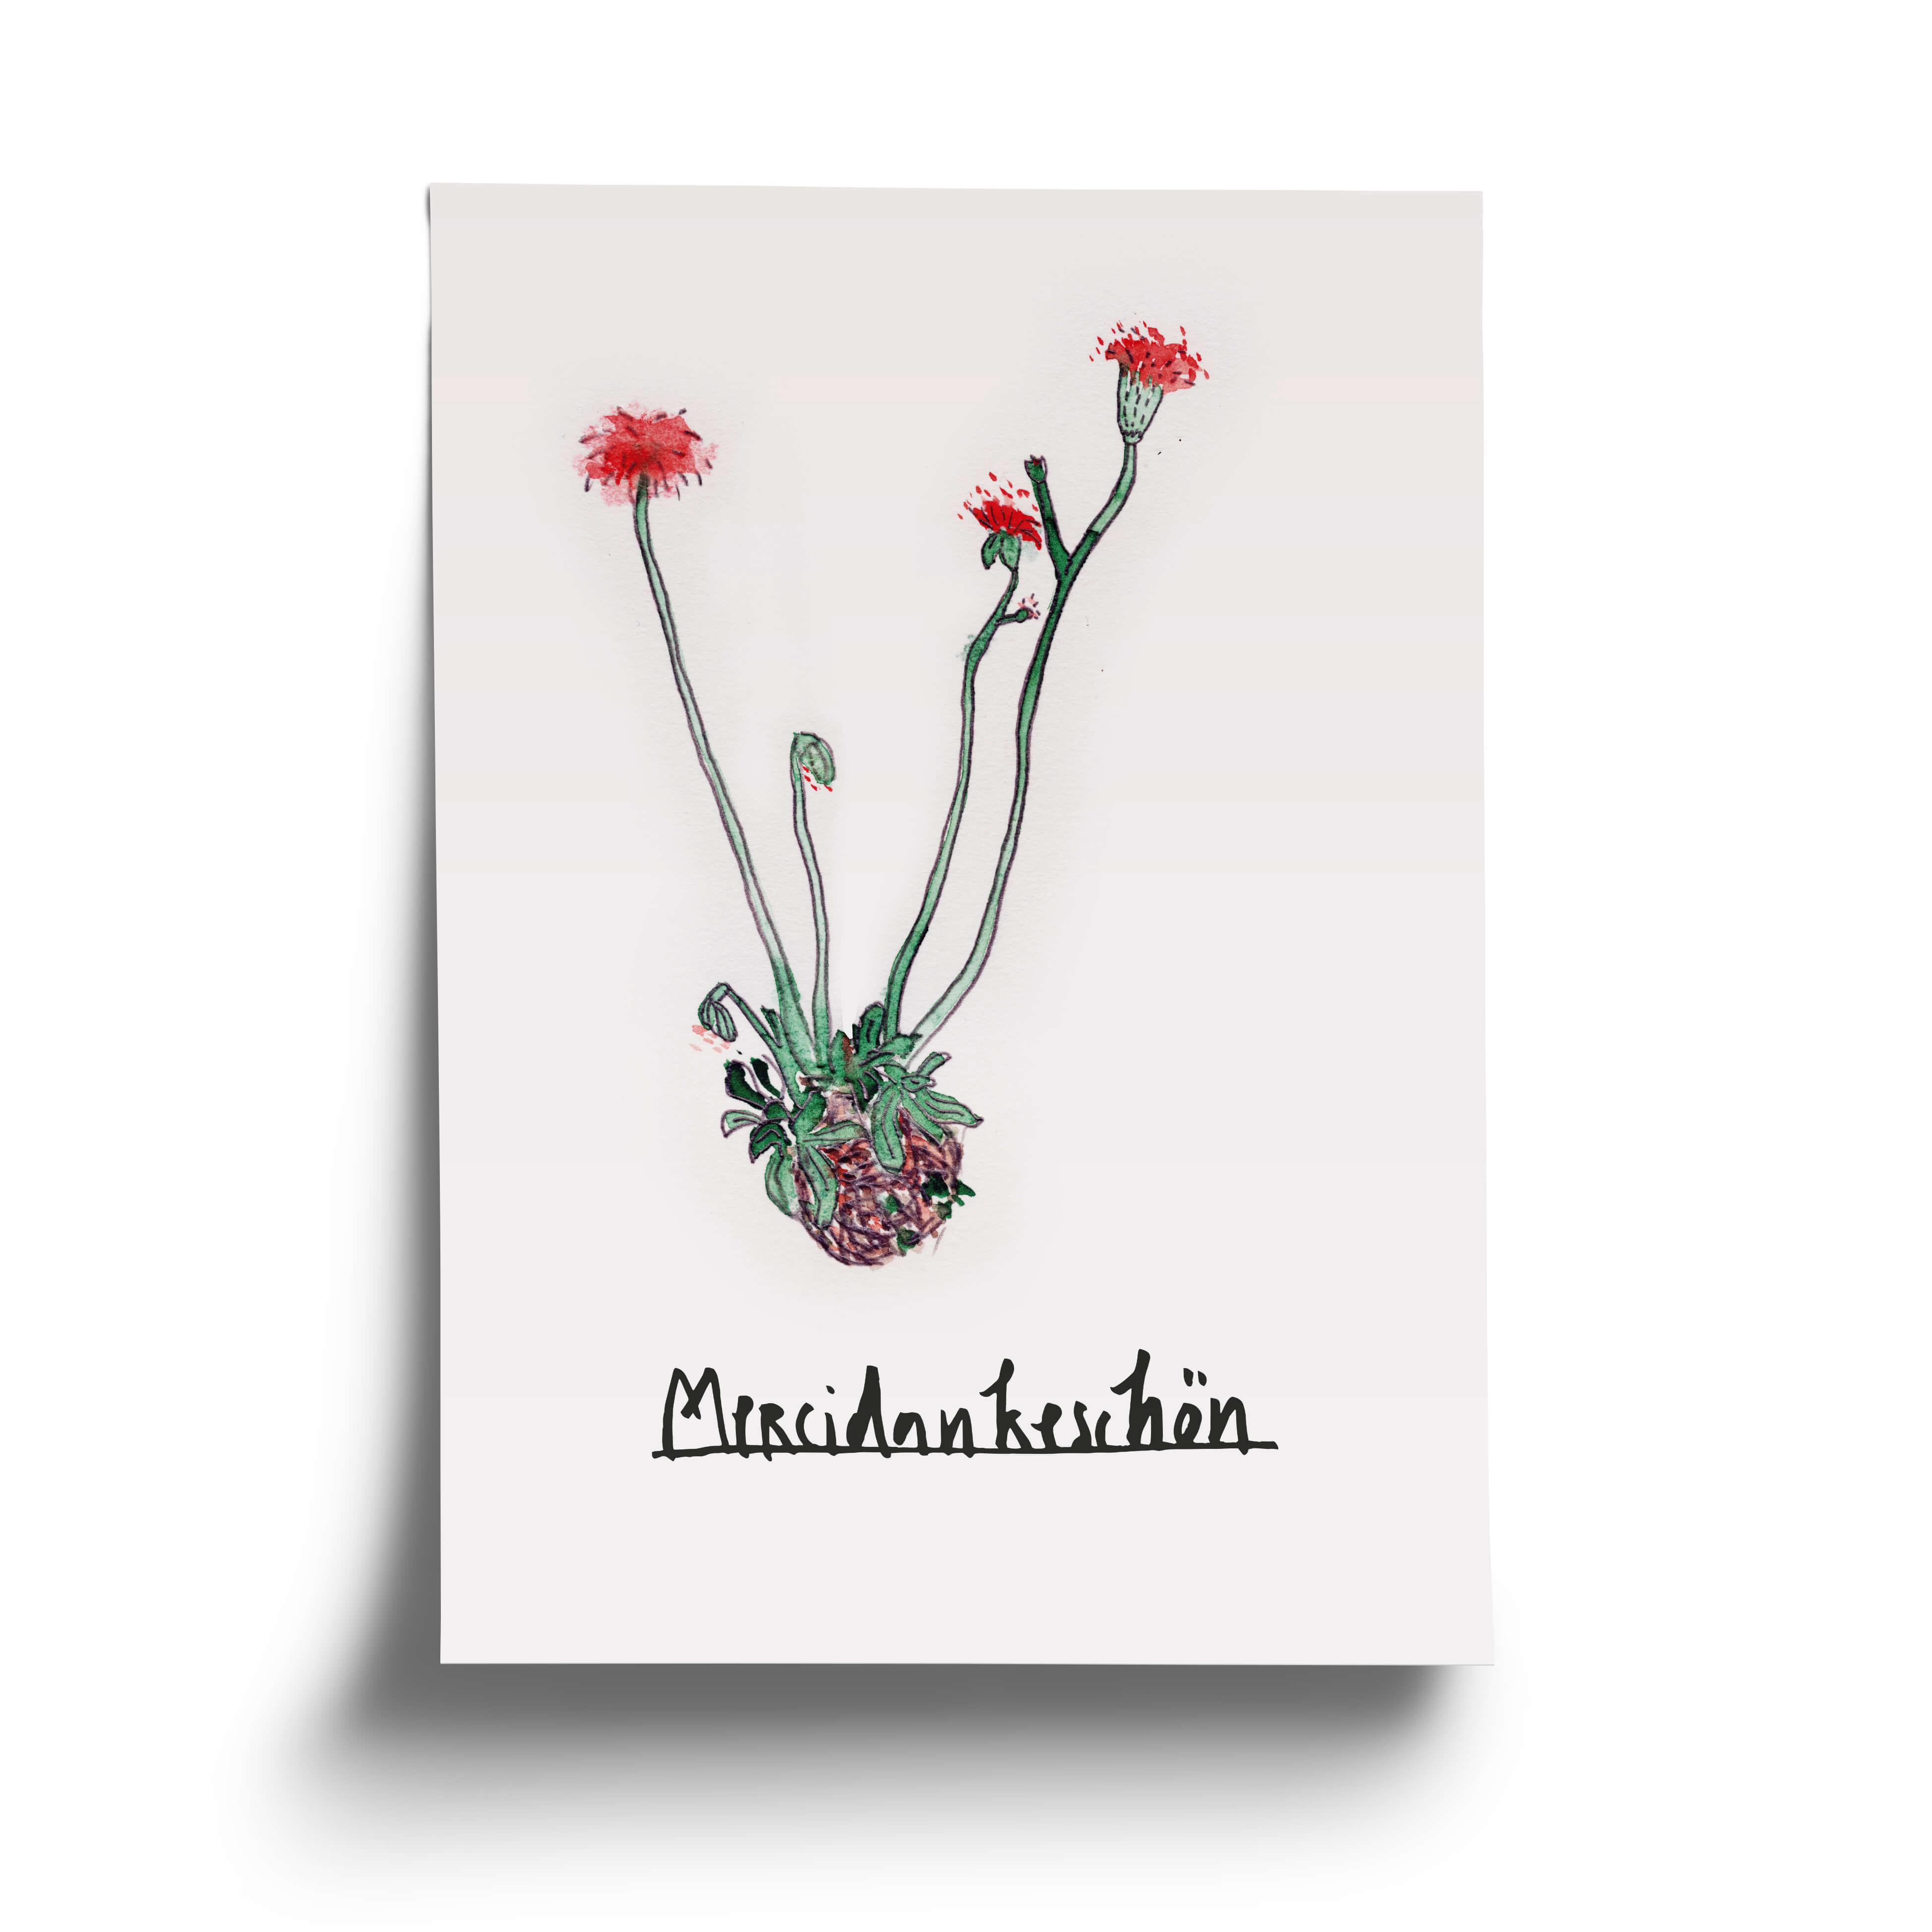 Danksagungs-Postkarte – Die Oma von gegenüber hat deine Pflanzen gegossen, der Nachbar die Zeitung aus dem Briefkasten gerettet, deine Freundin die Katze gefüttert und der Kollege den ultimativen Urlaubstip gegeben? Es ist Zeit für ein Dankeschön – Blumen aus Pappe für die Wand, den Schreibtisch und den geheimen Briefkasten. Offset Print auf FSC zertifiziertem Papier Limitiert auf 100 Stk.